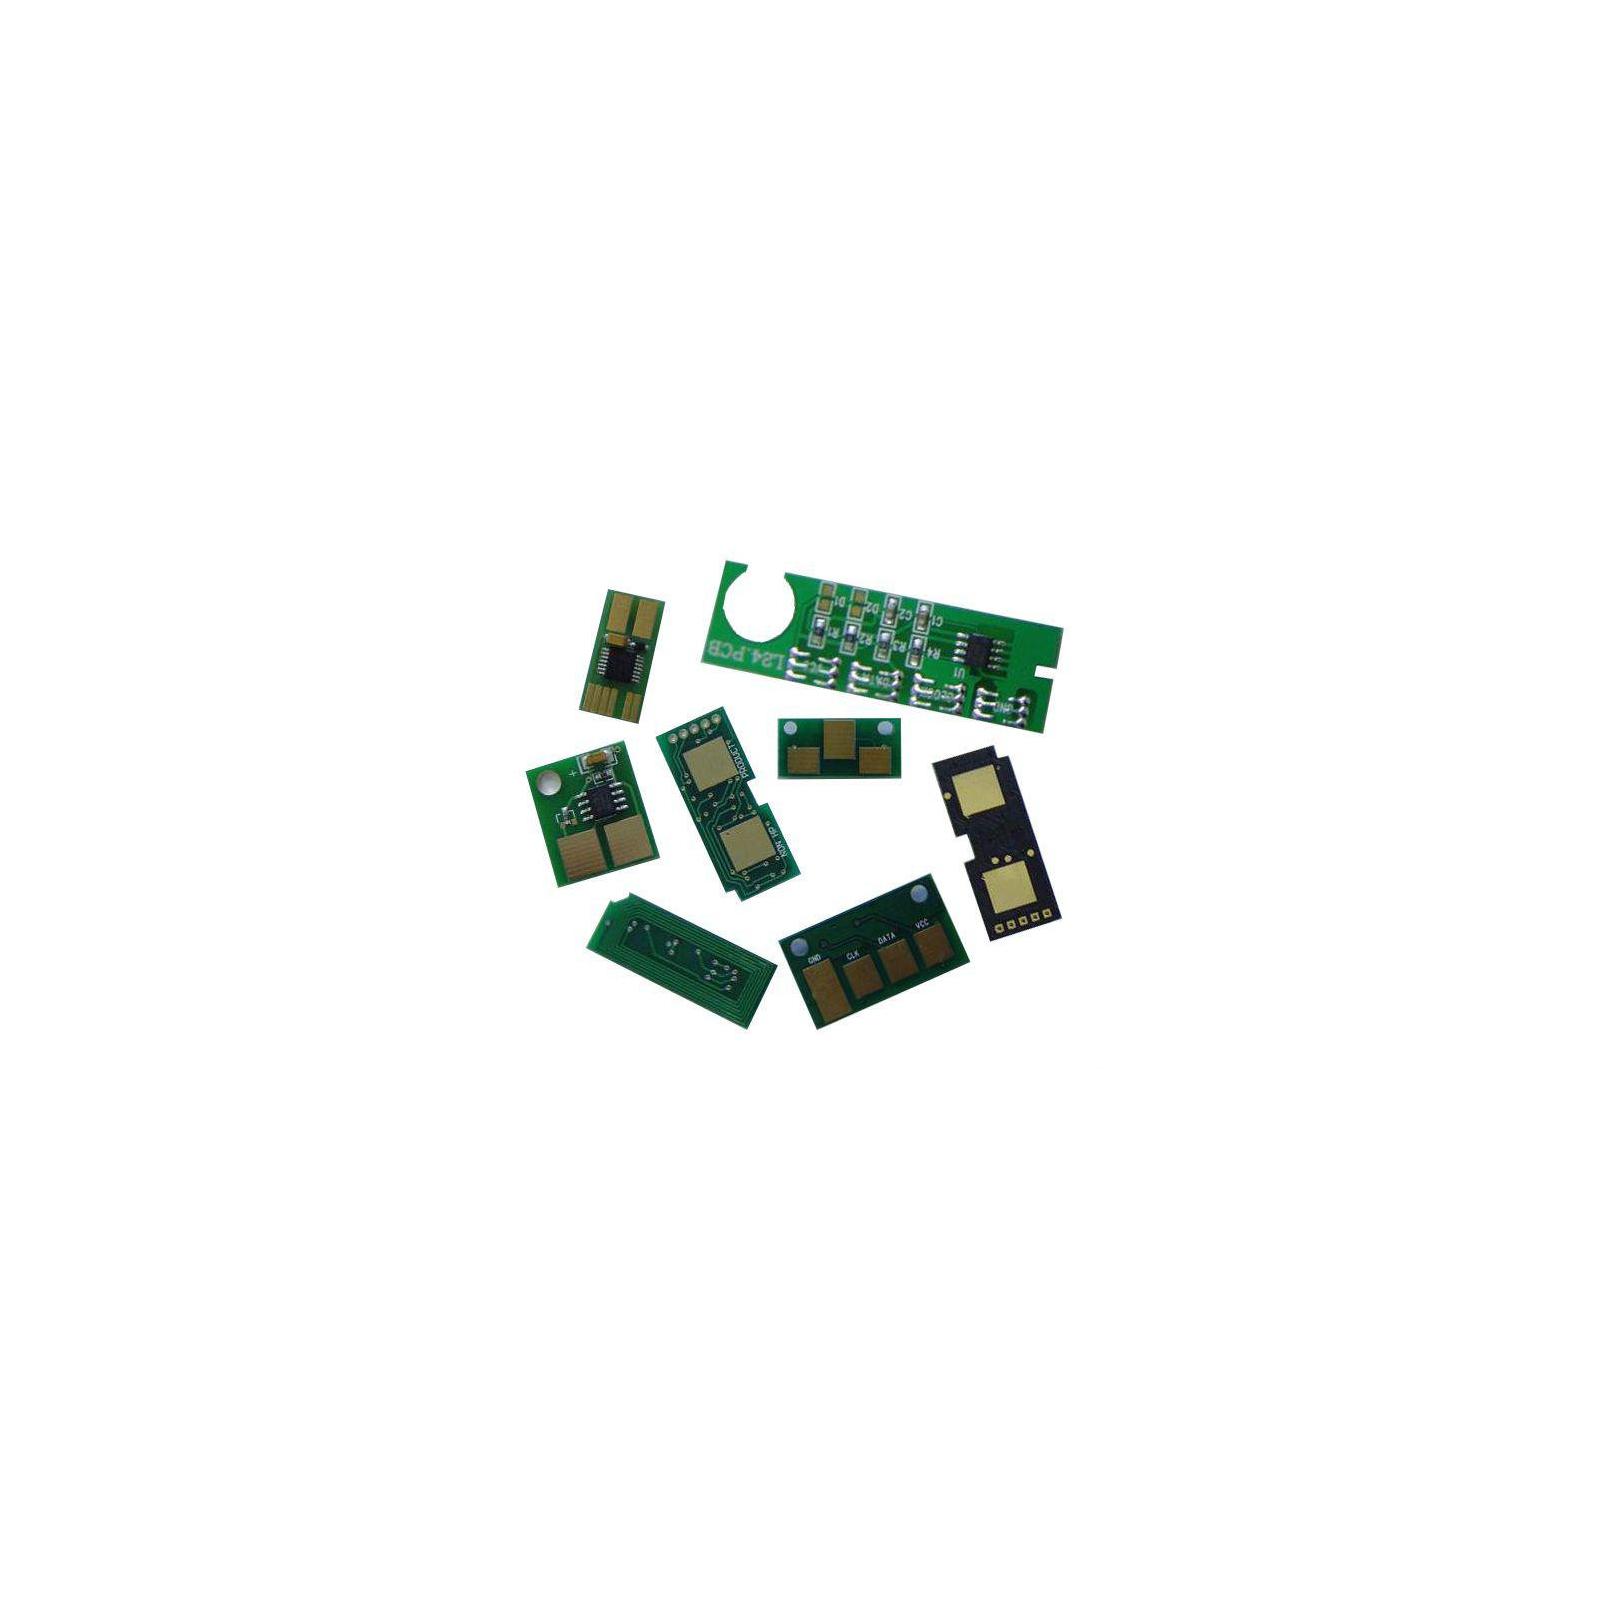 Чип для картриджа EPSON T1304 ДЛЯ SX525/620 YELLOW Apex (CHIP-EPS-T1304-Y)